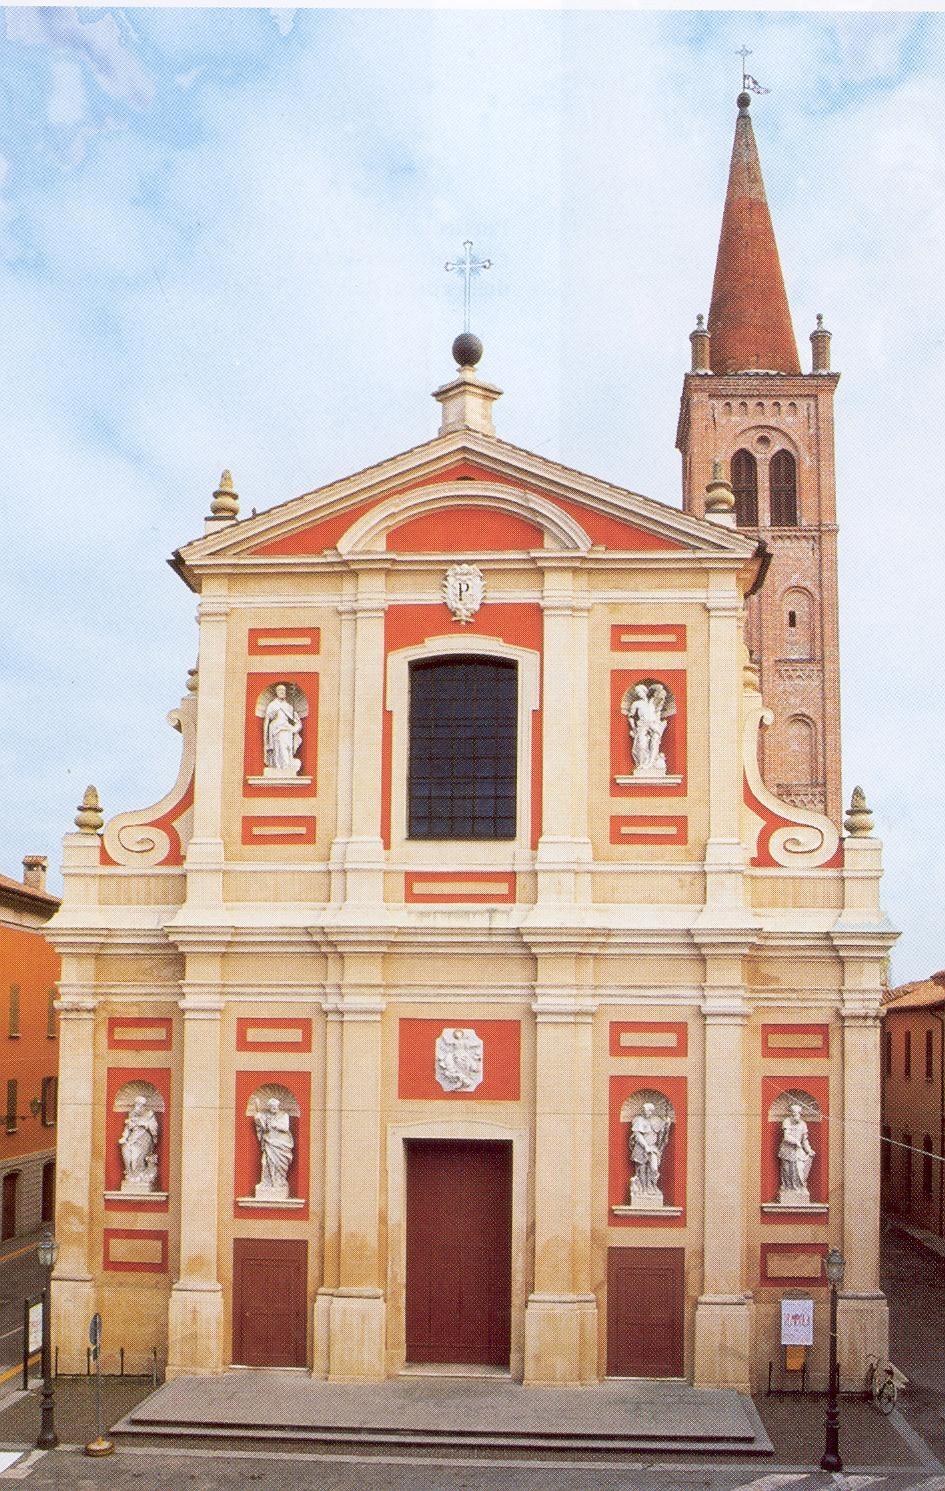 La Chiesa Collegiata prima del sisma del maggio 2012